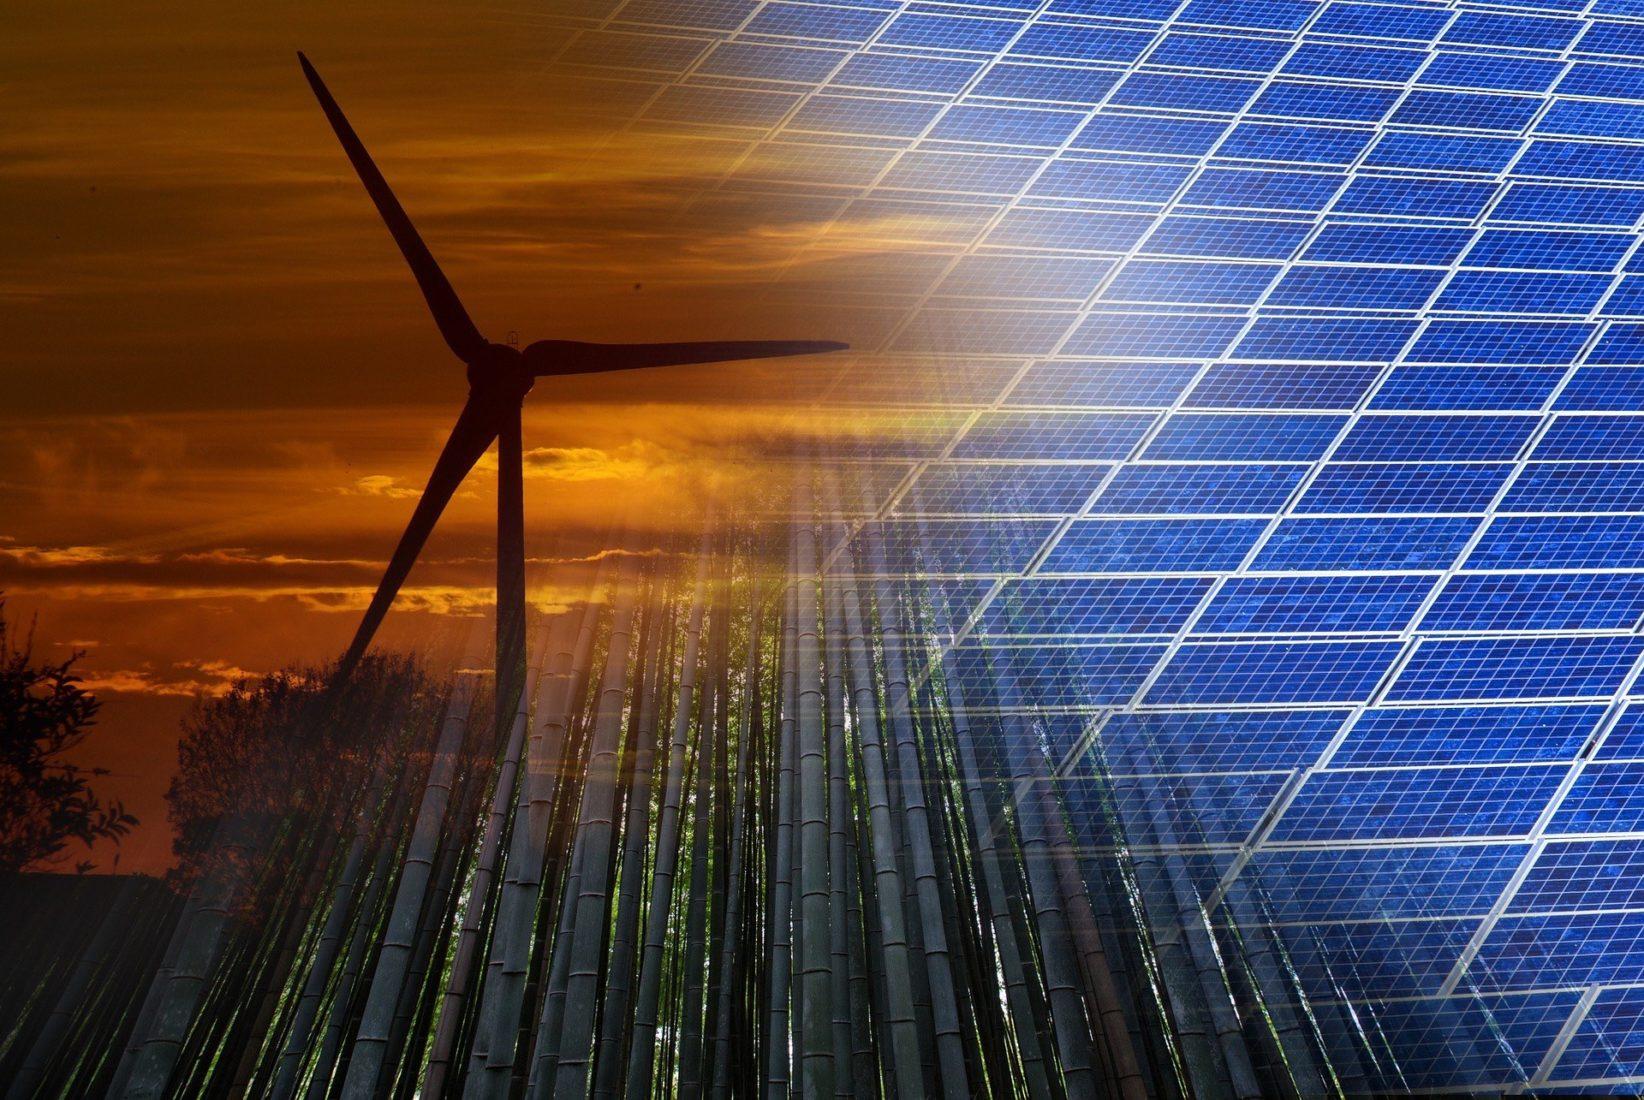 Bis 2050 müsste die installierte Leistung von Wind- und Photovoltaikanlagen um das vier- bis siebenfache steigen. Foto: Pixabay